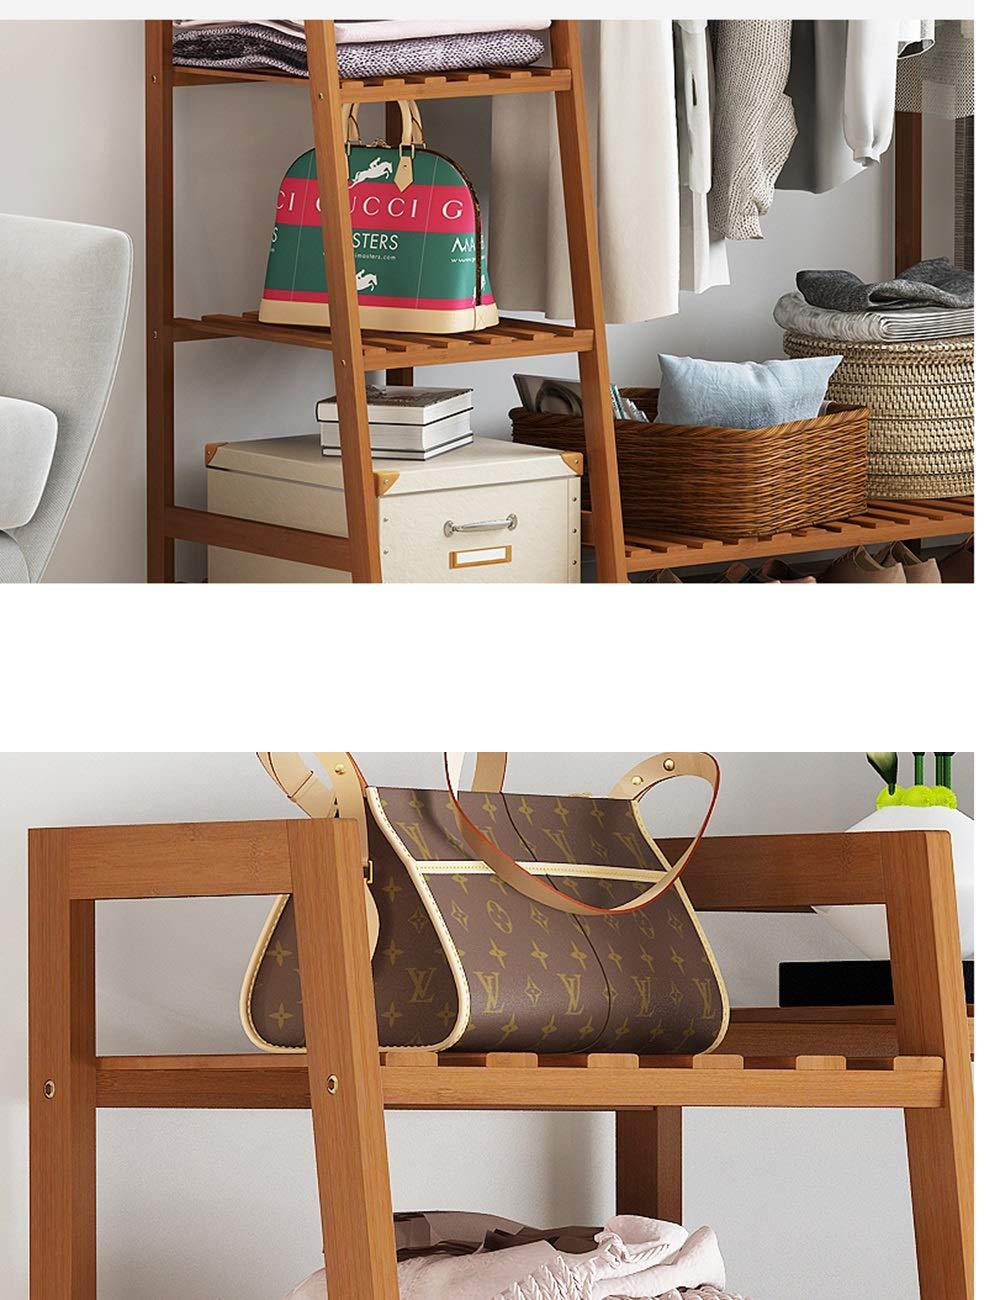 Amazon.com: ZHIRONG - Perchero de madera de bambú para ...